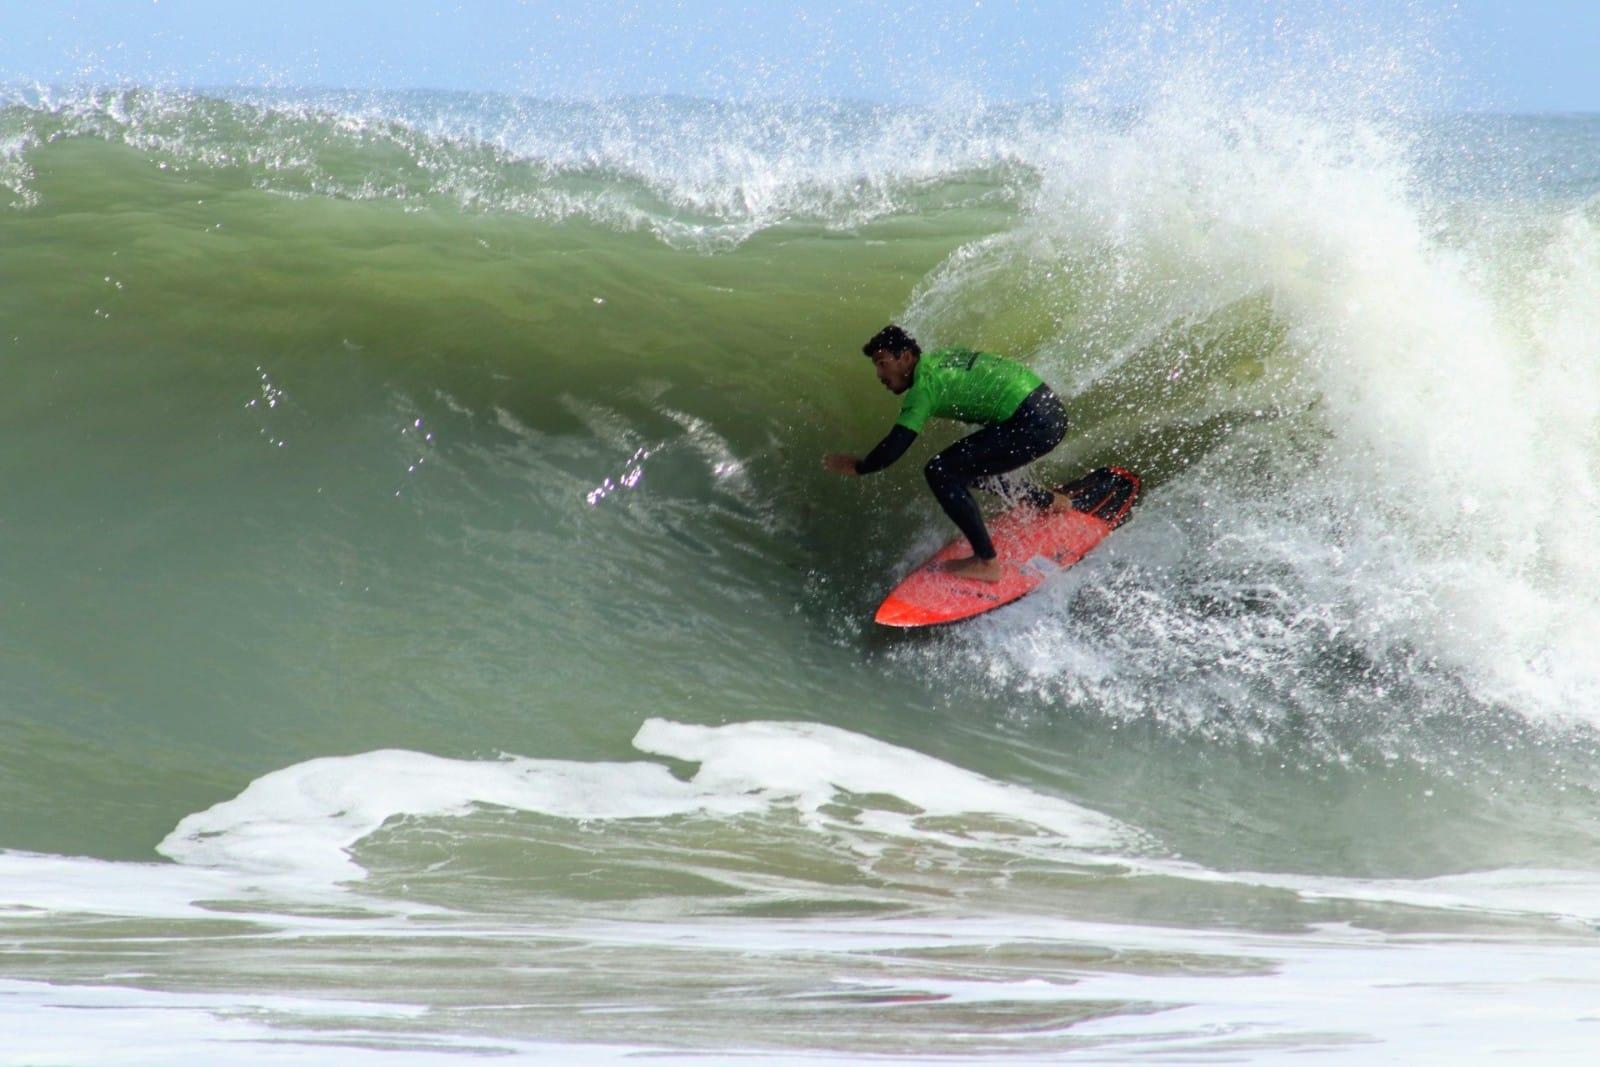 4ª edição do Paúba Super Tubos homenageia surfista Pedro Tanaka